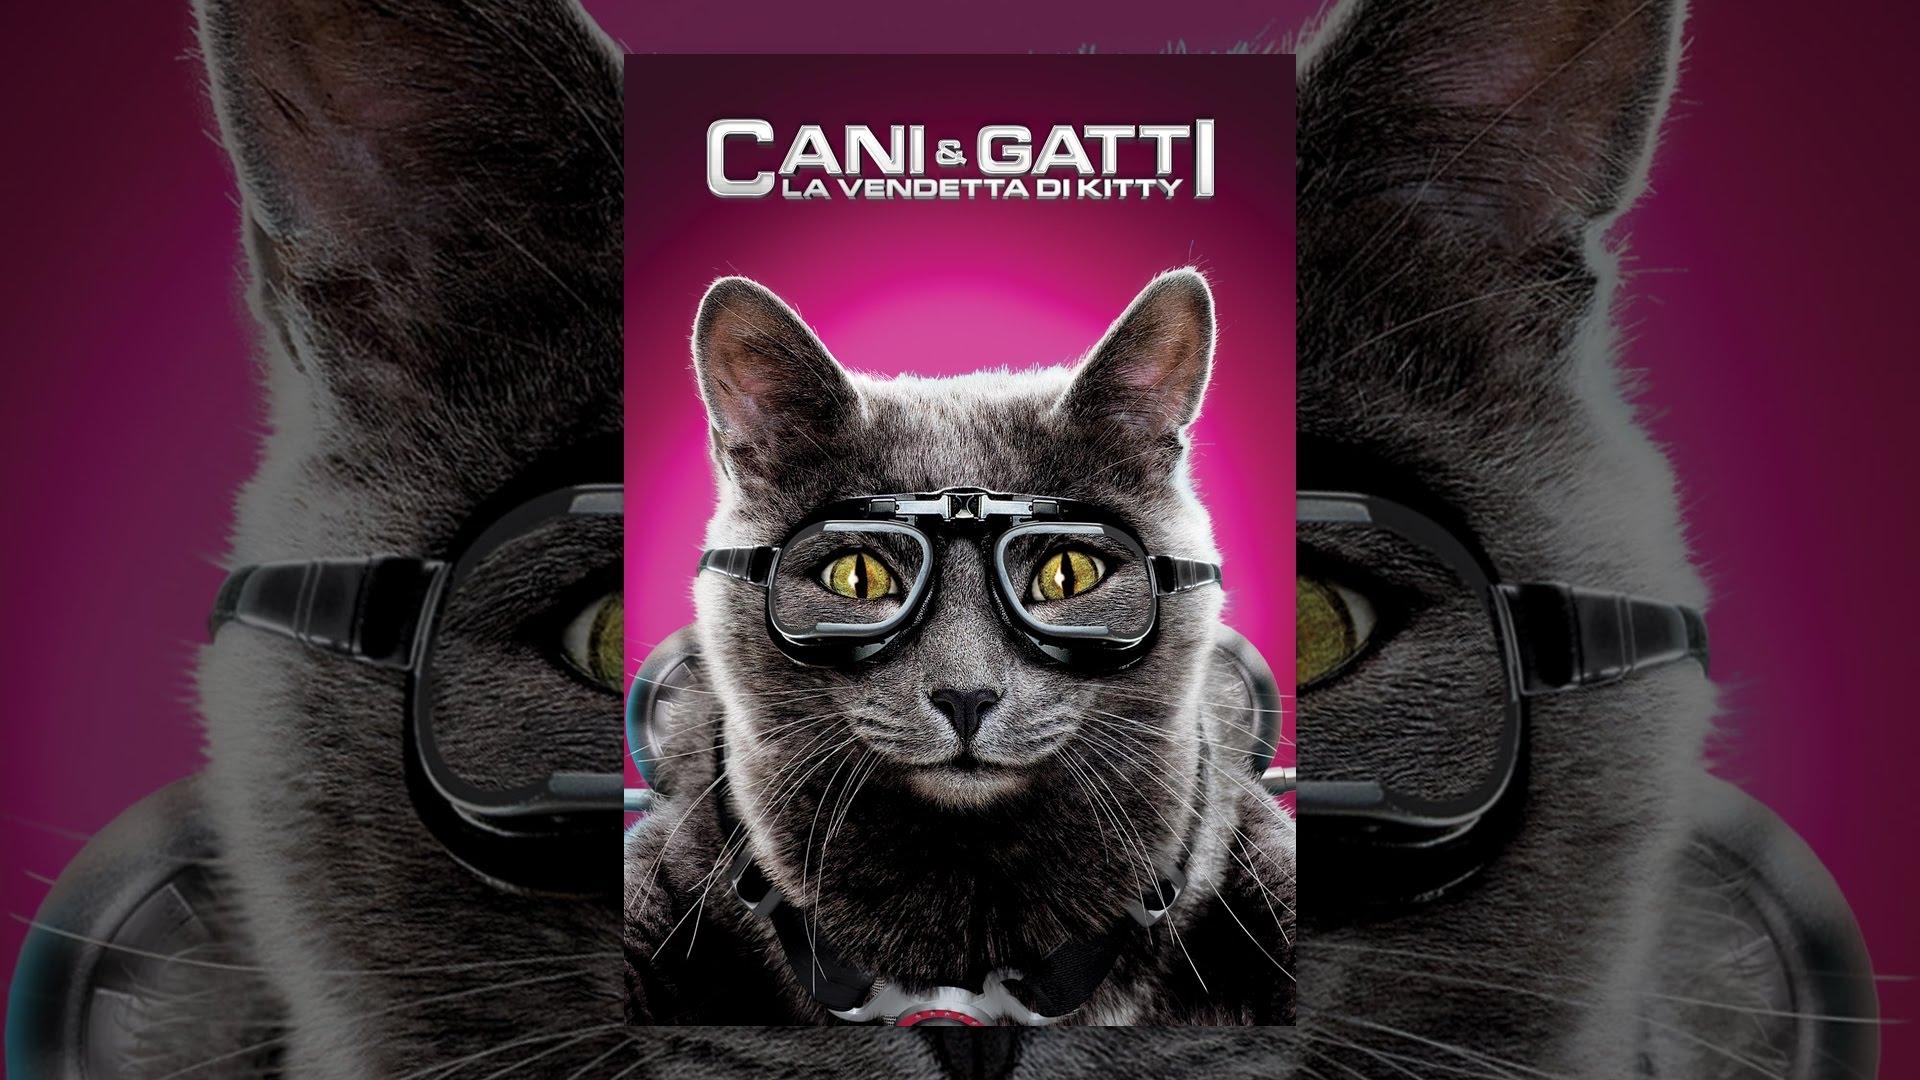 cani e gatti - la vendetta di kitty - youtube